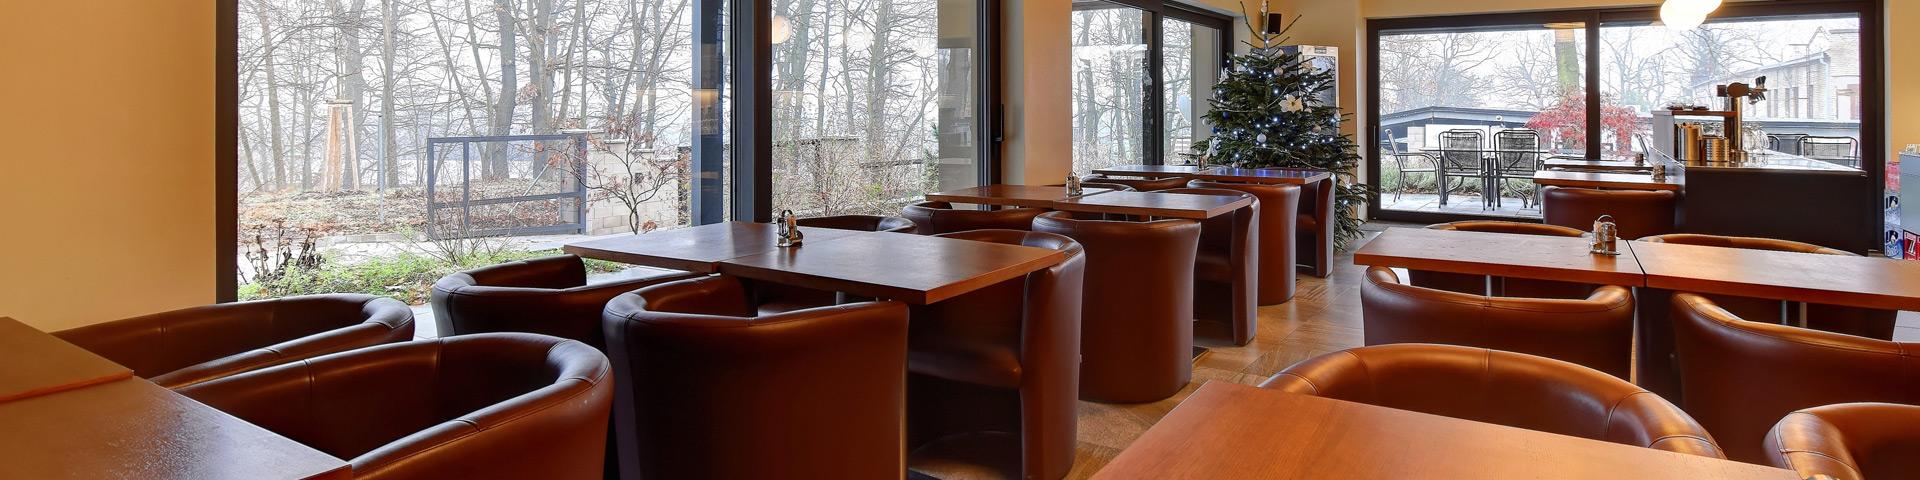 Restaurace Milovice - Penzion Lesní